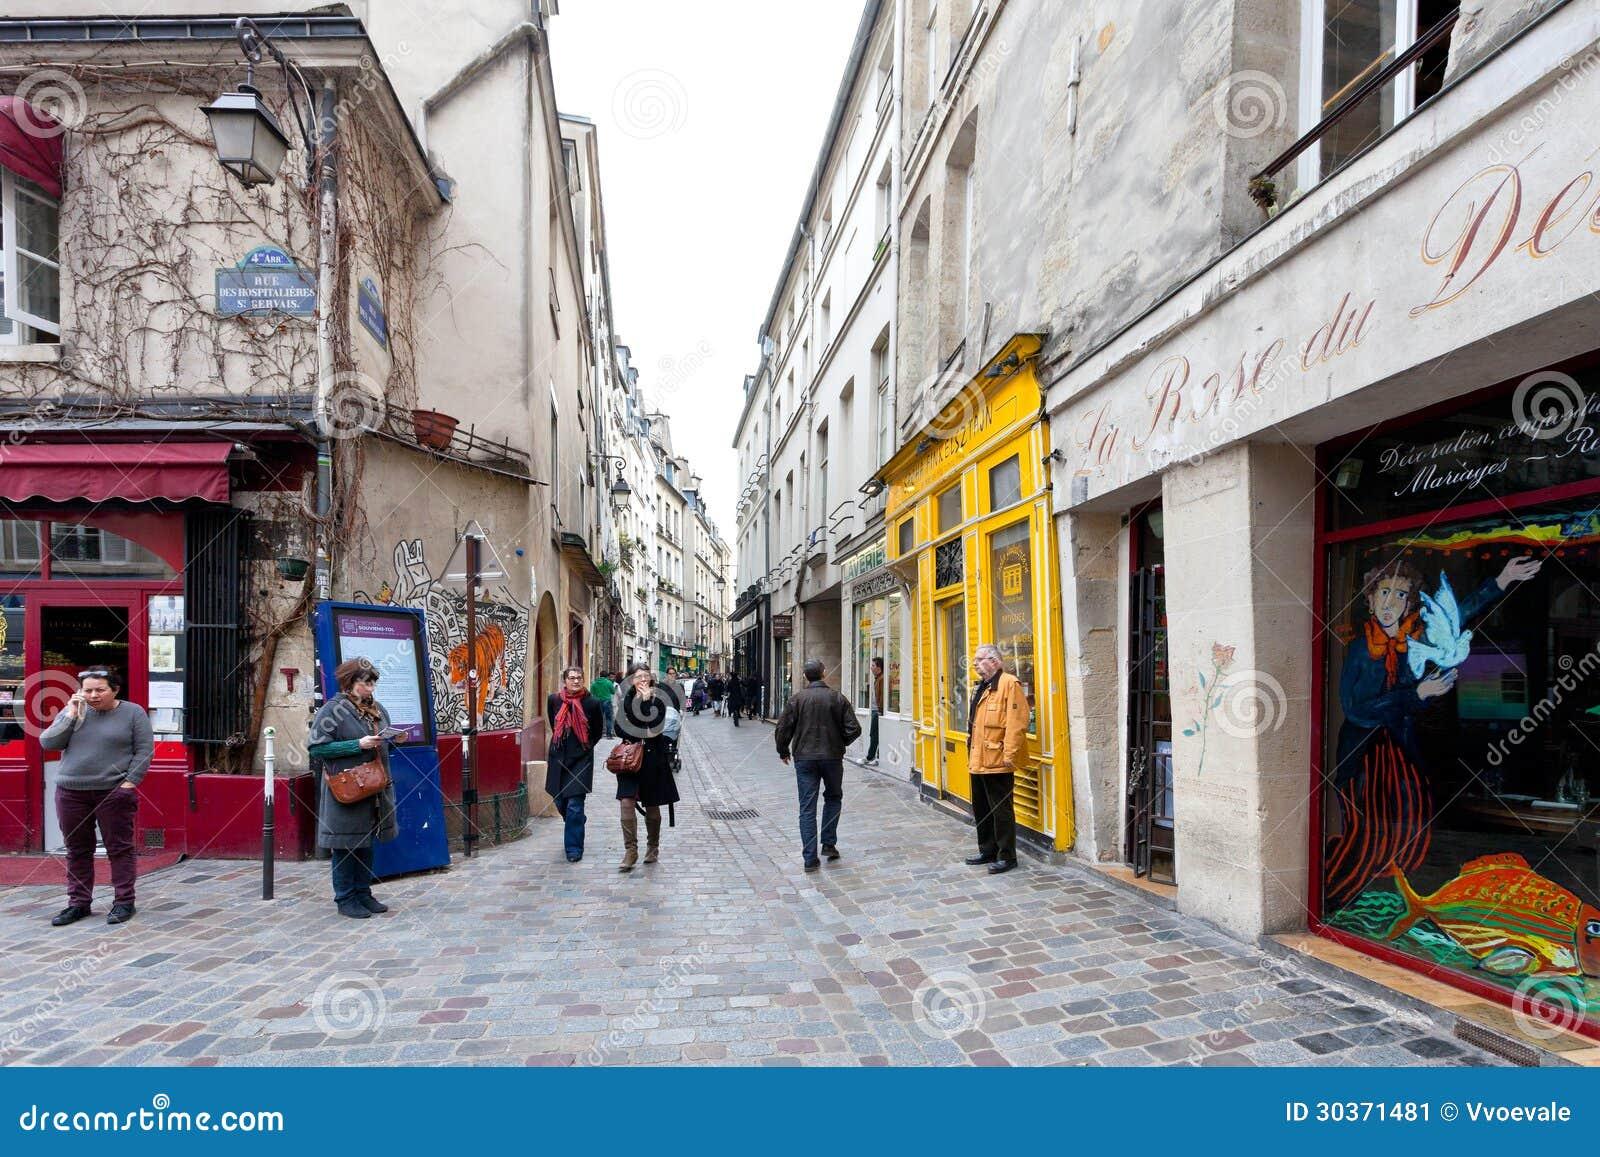 Jewish quarter of le marais in paris france editorial photo image 30371481 - Les cents ciels paris 11 ...